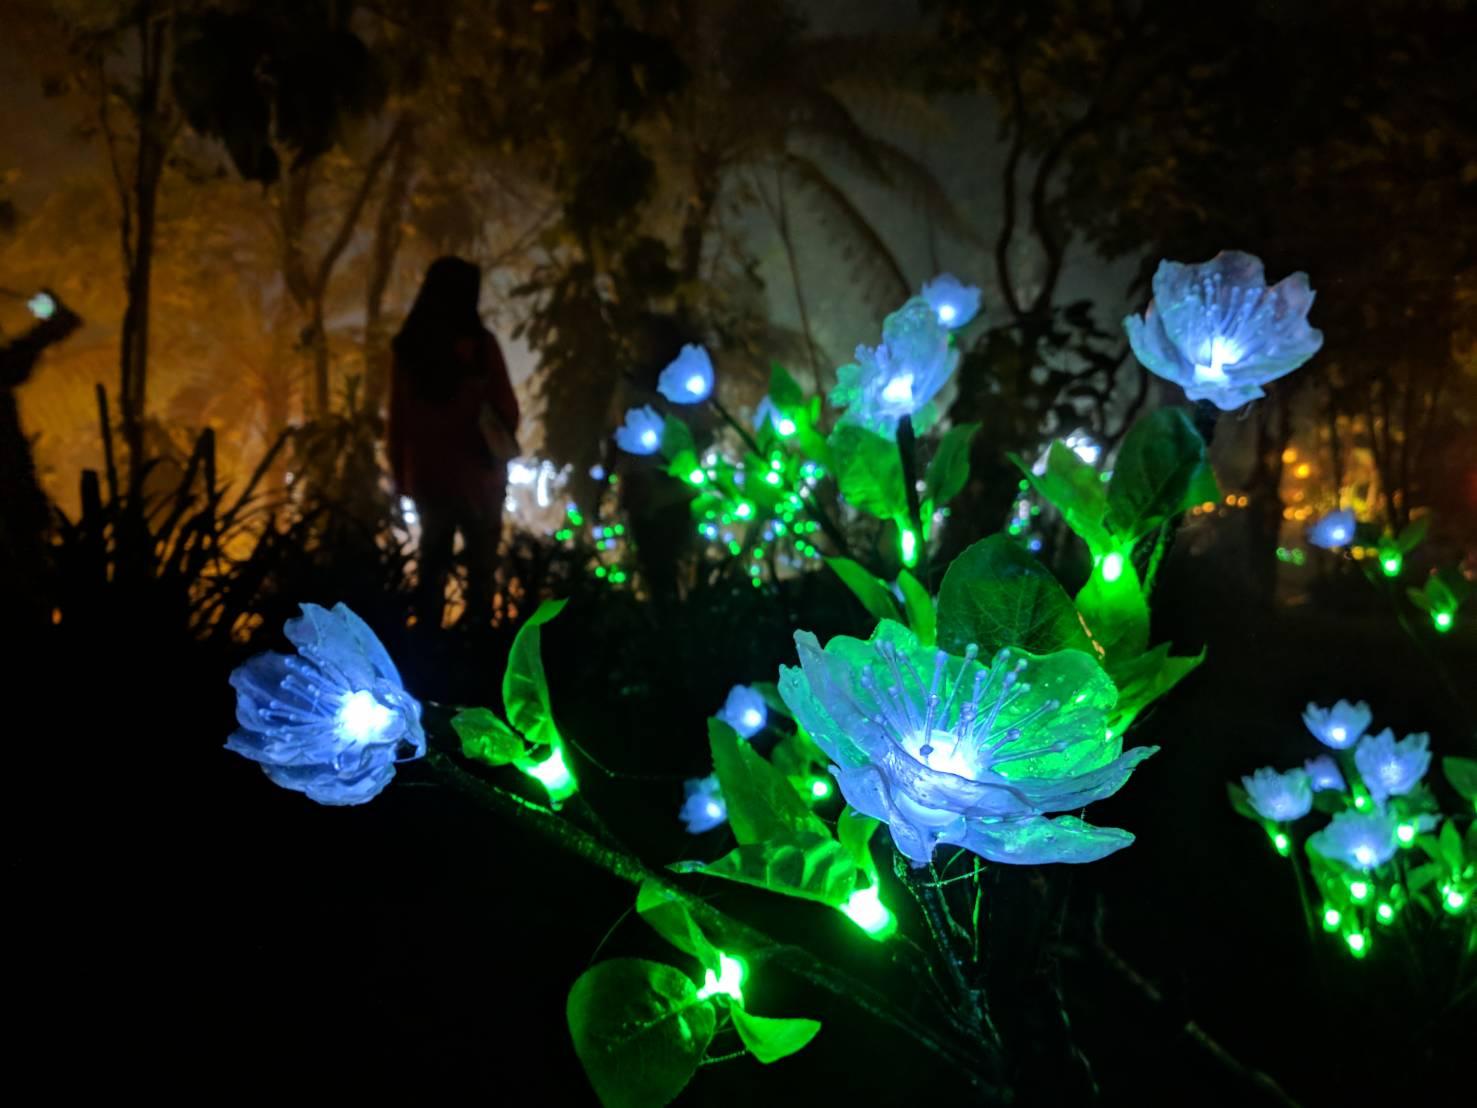 Lampion berbentuk mawar, jauh lebih cantik daripada bunga yang sesungguhnya. (Foto: Taufiq/Ekonomika)